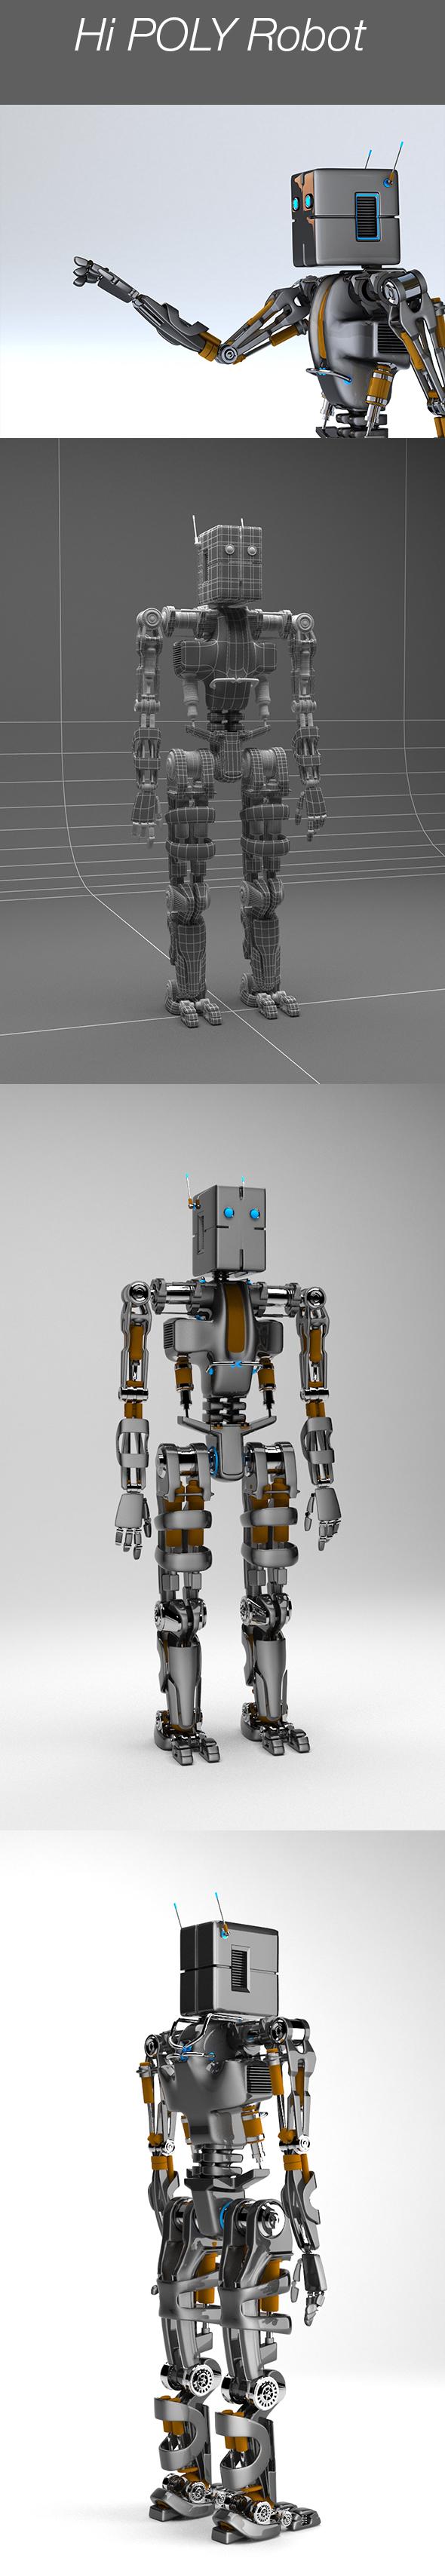 3docean Robot 19682046